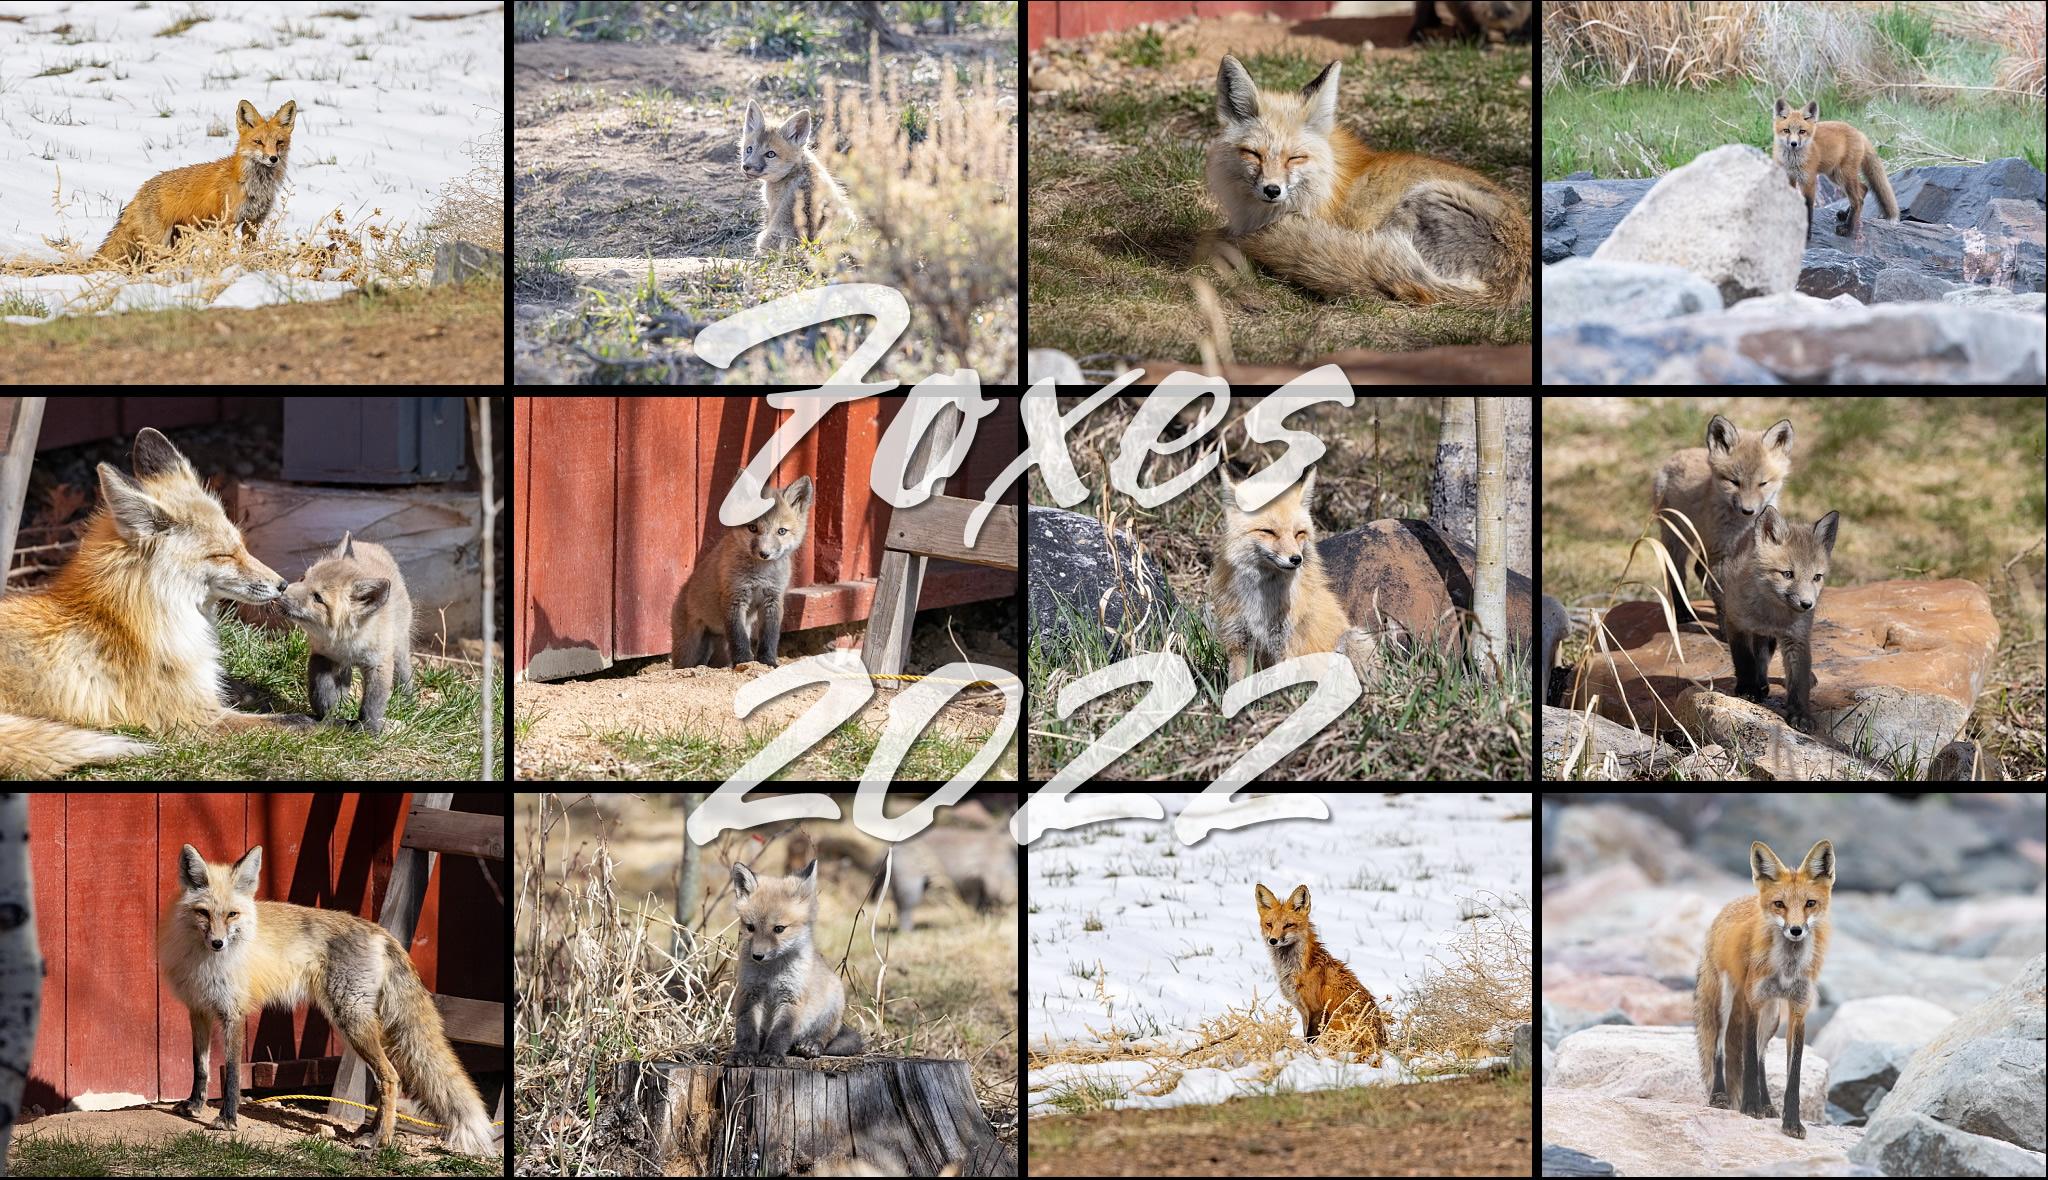 Foxes 2022 calendar